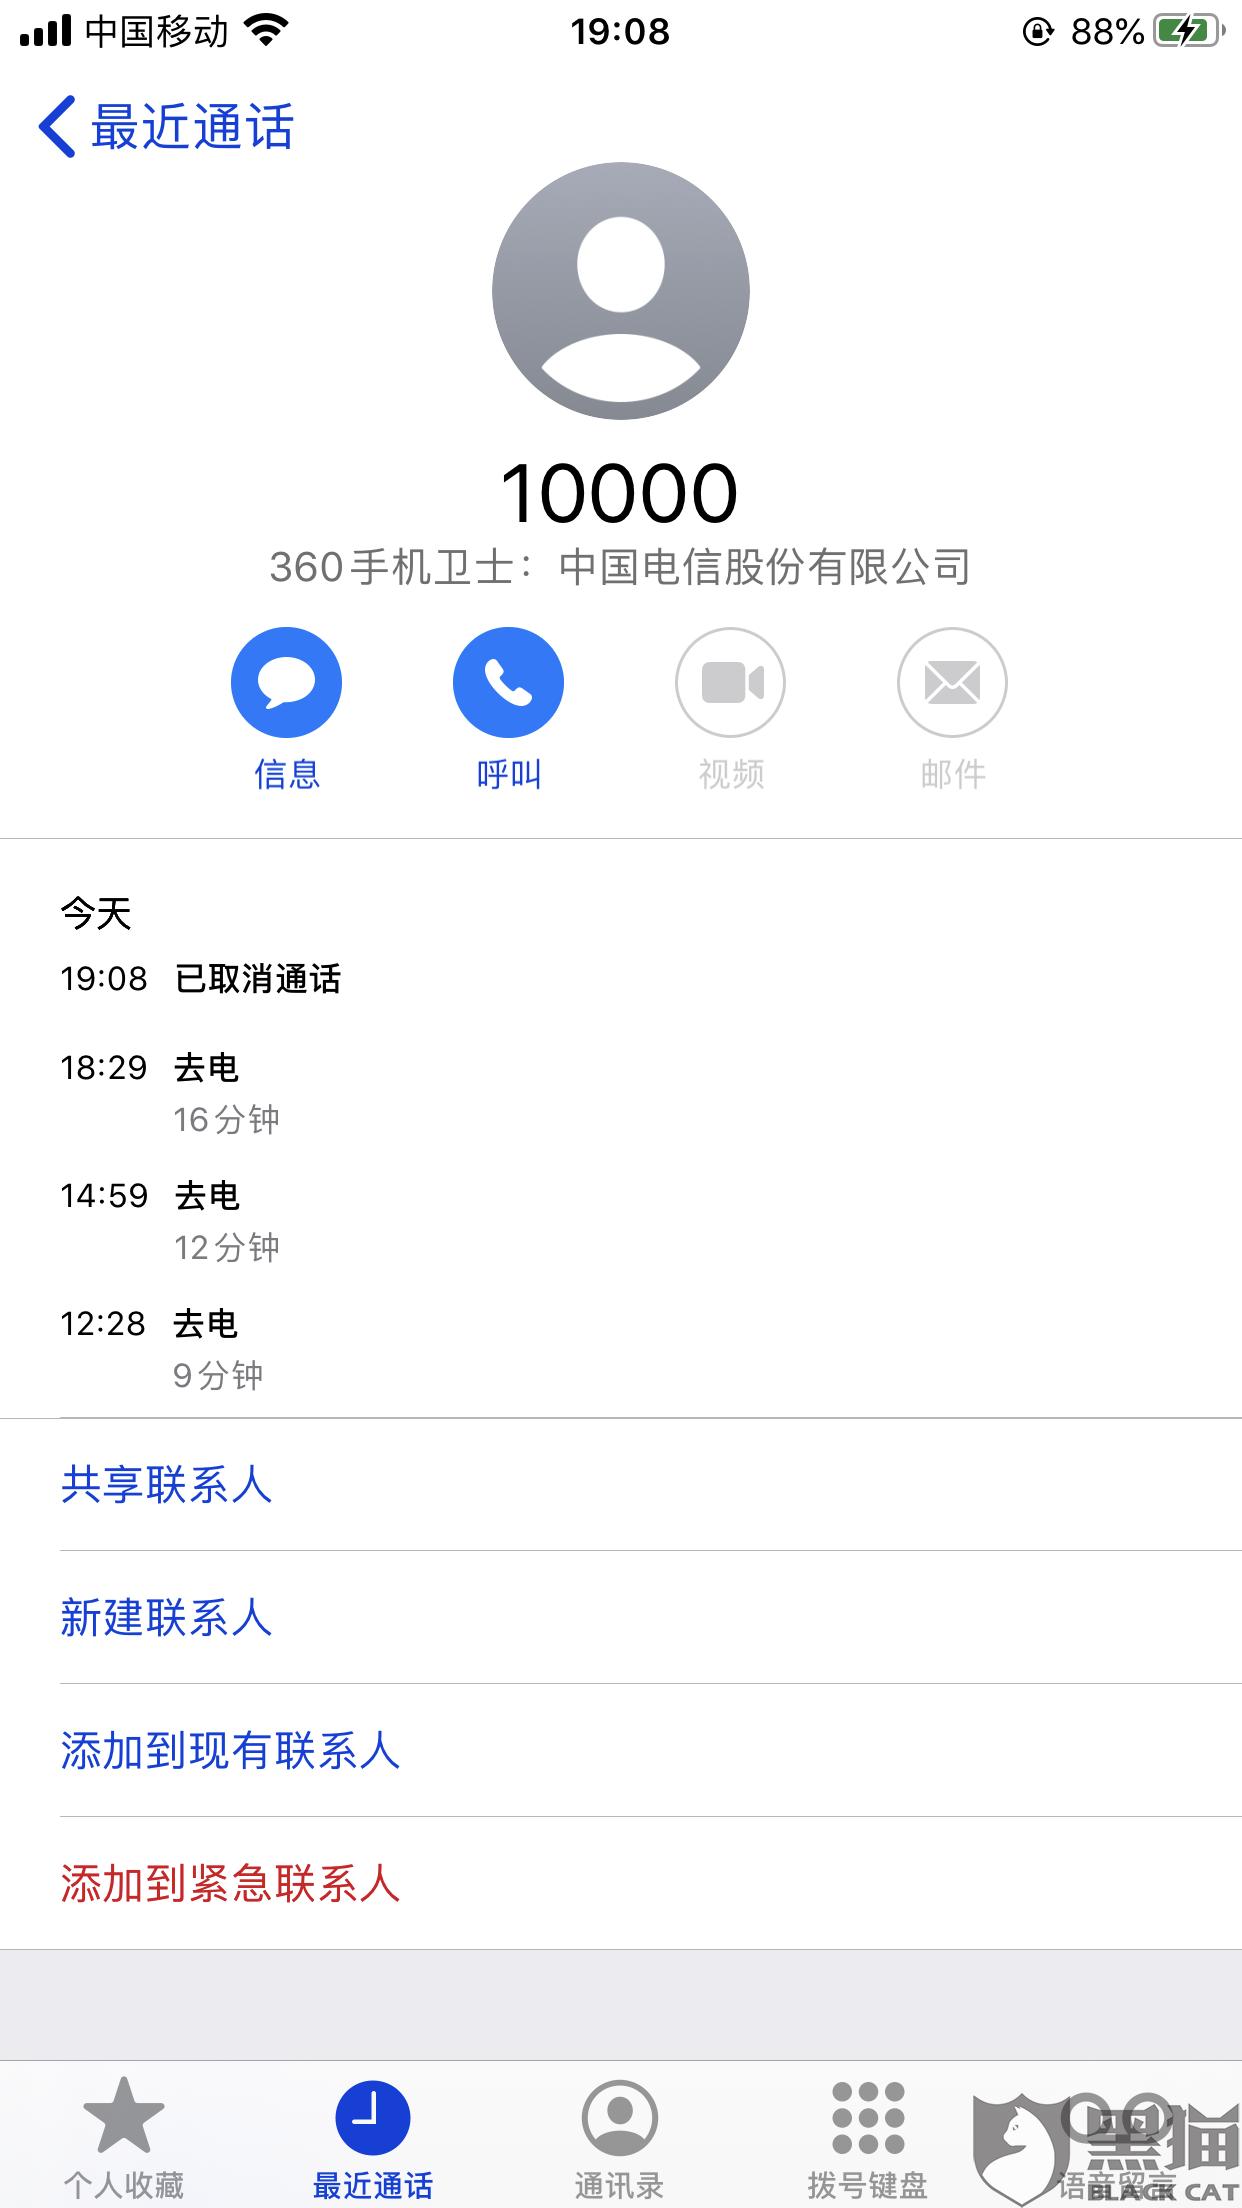 黑猫投诉:四川电信新装宽带支付费用无后续安装